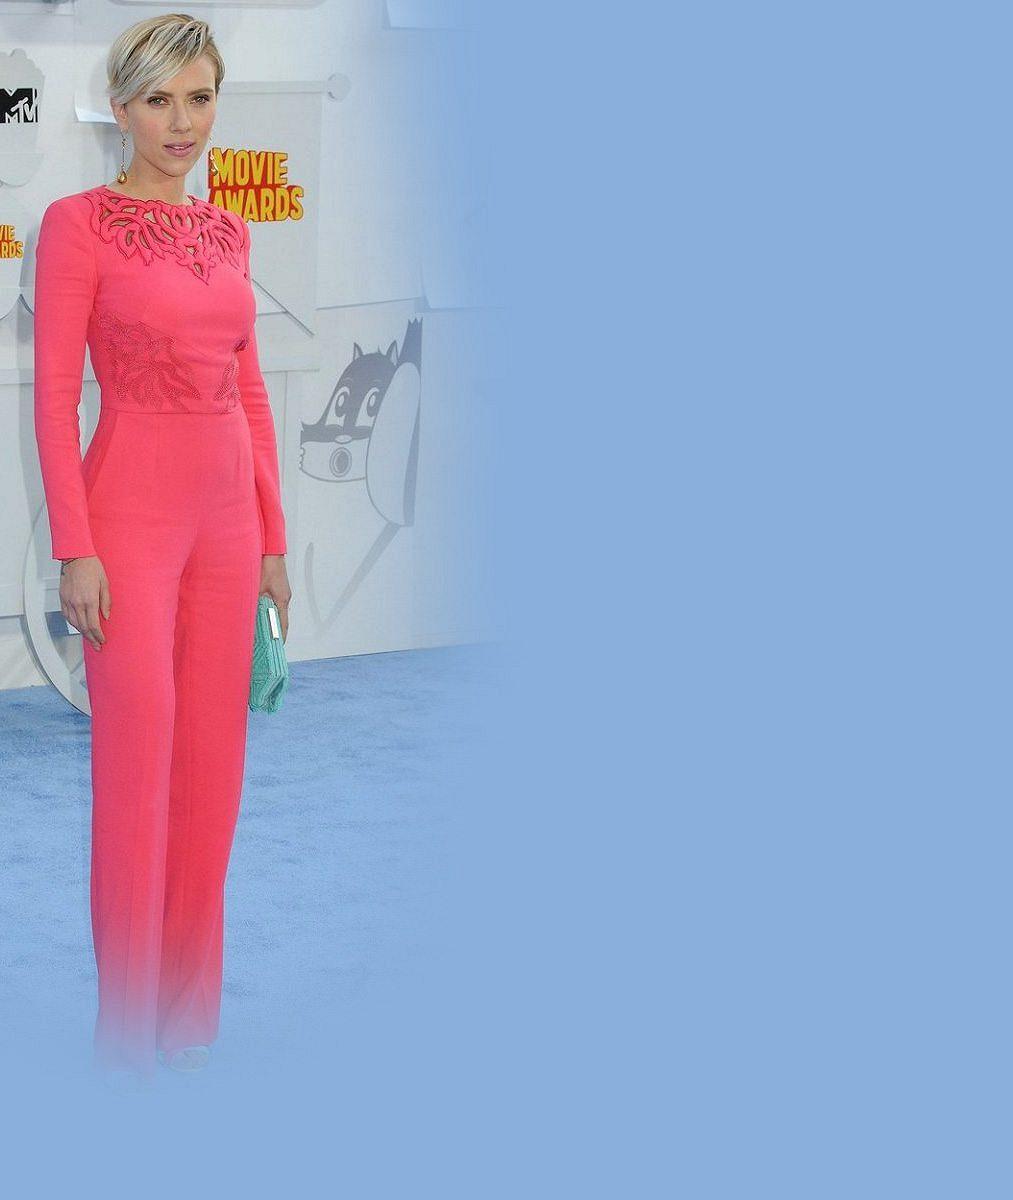 Půl roku po porodu je jako nitka: Křehounká Scarlett Johansson byla v růžovém overalu hubenější než kdy dříve